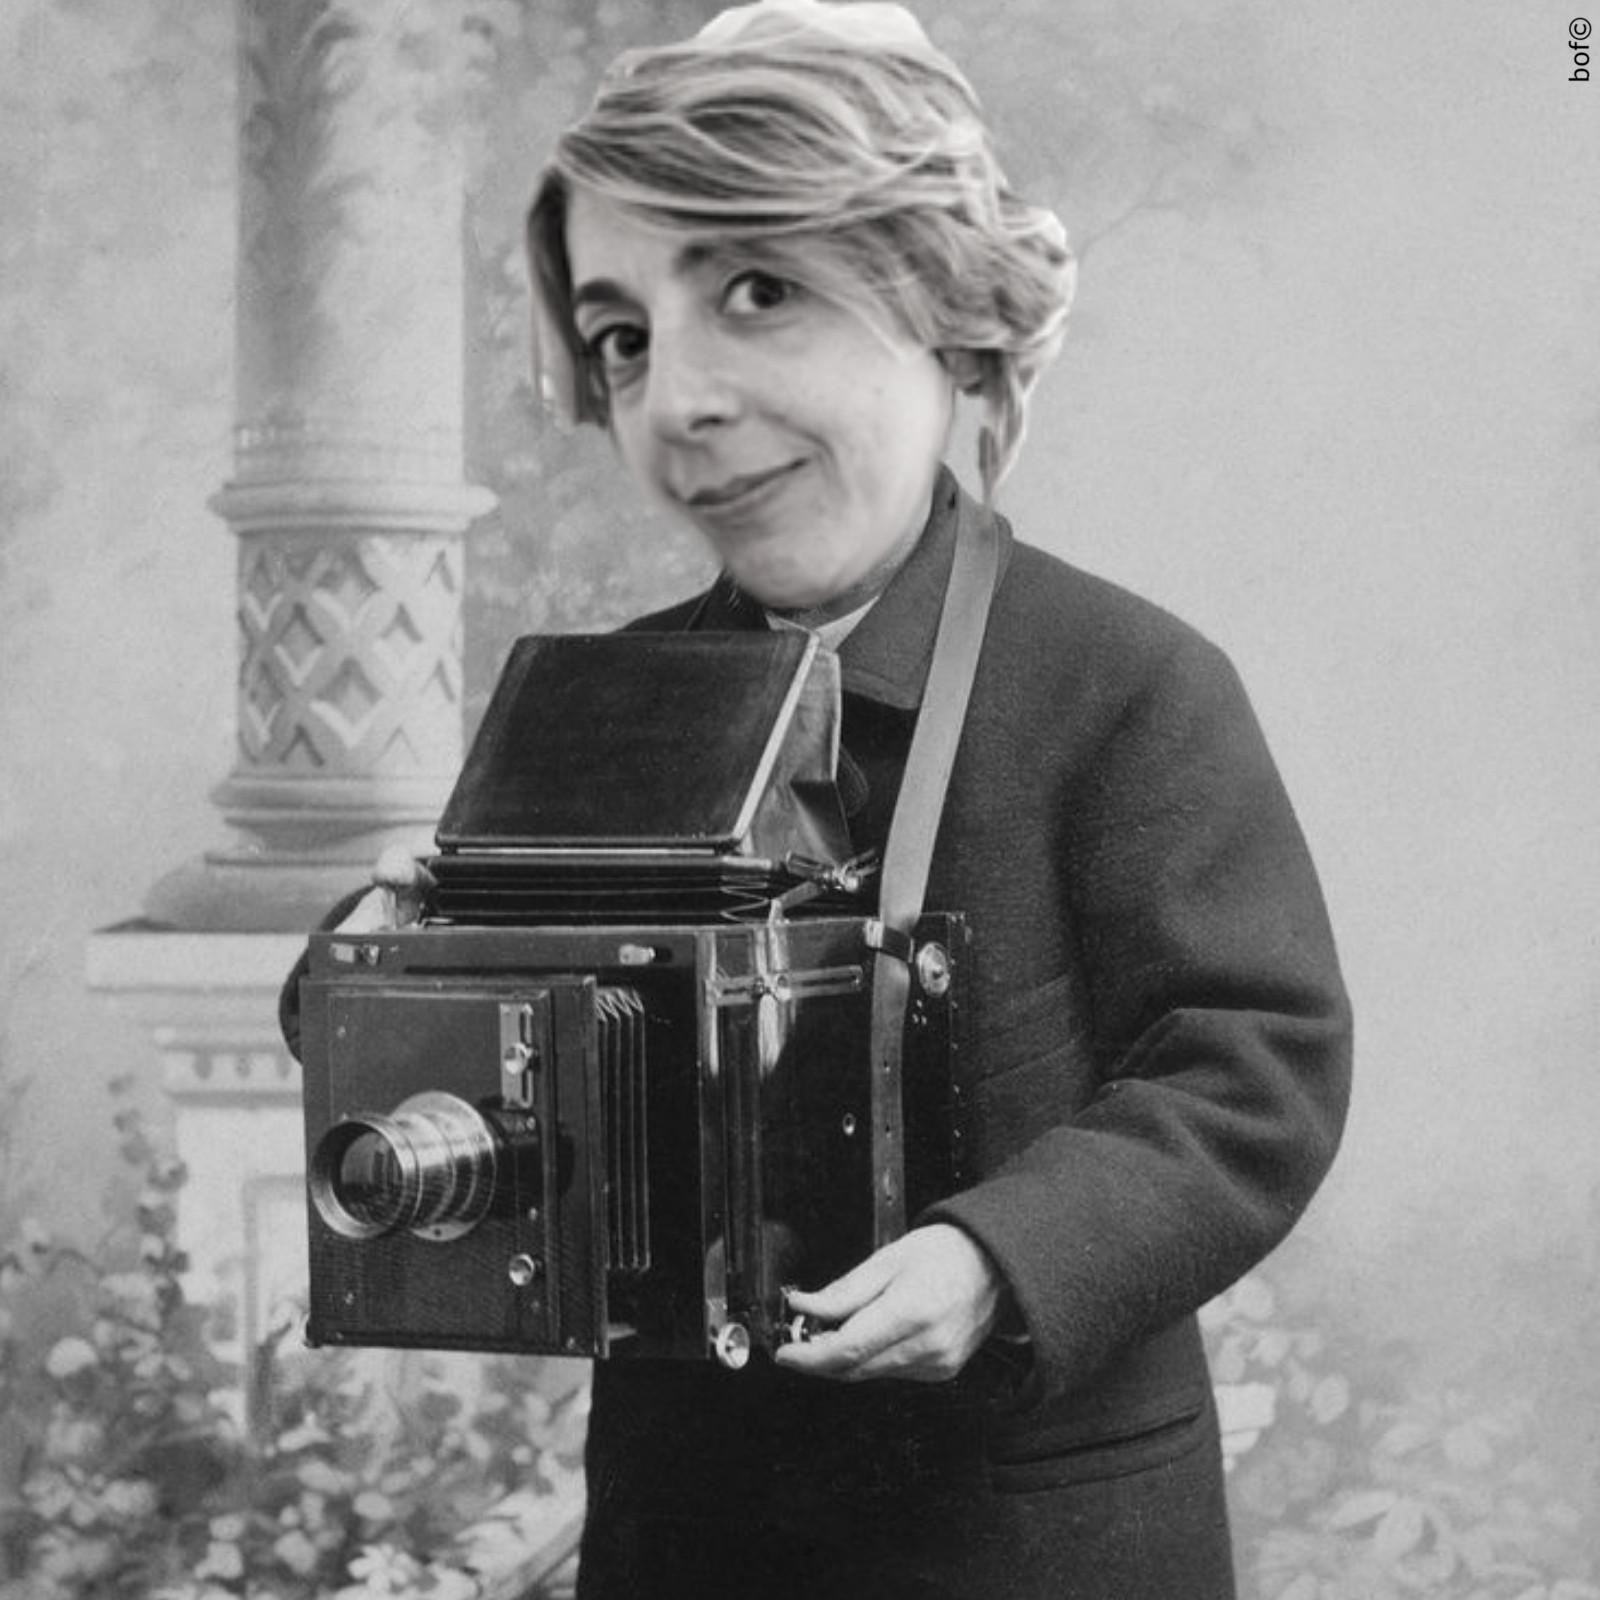 Liberatoria Fotografica